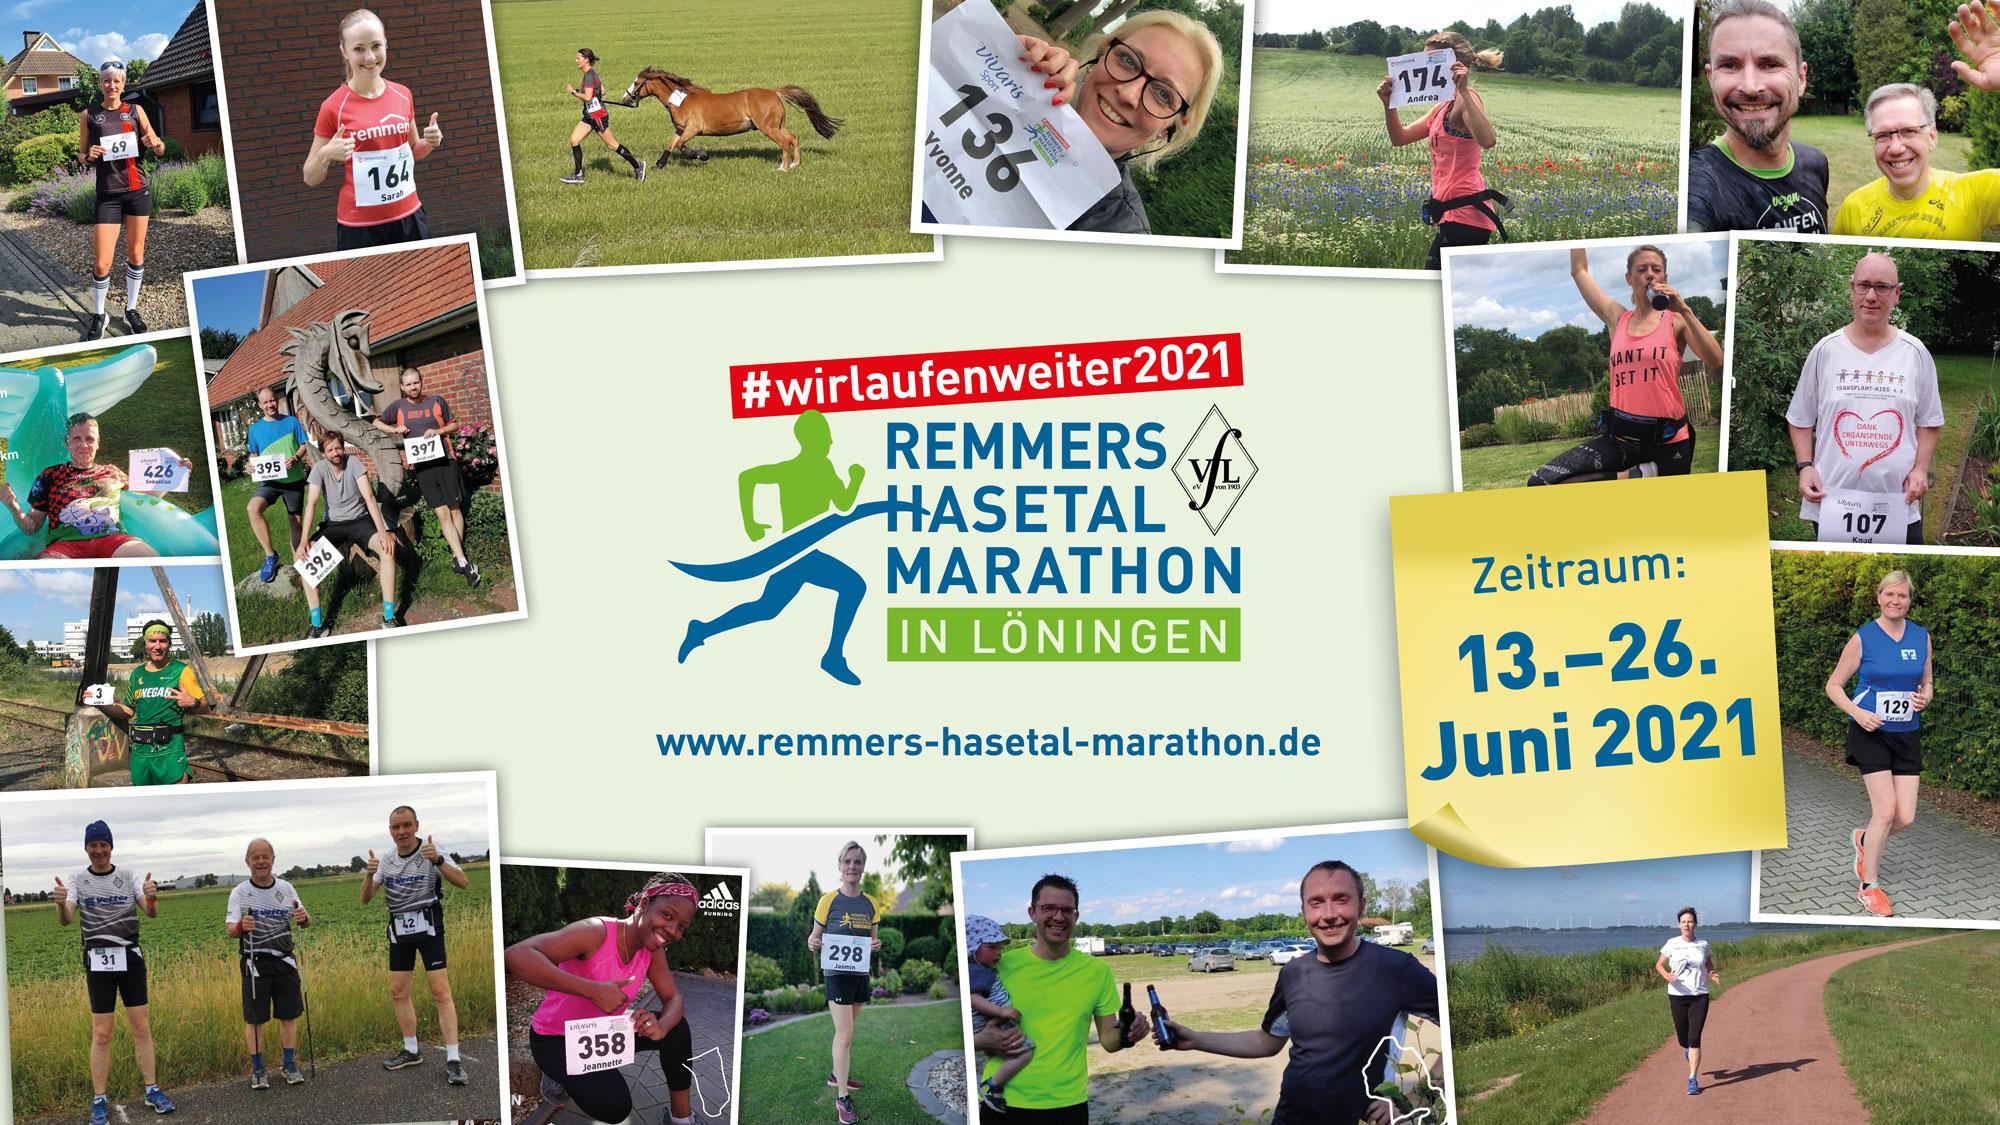 zum Bild:Der 19. Remmers-Hasetal-Marathon des VfL Löningen im Jahr 2021 wird in der Zeit vom 13. bis zum 26. Juni 2021 in einer virtuellen Form durchgeführt - unter dem Namen #wirlaufenweiter2021. Foto: Remmers-Hasetal-Marathon.